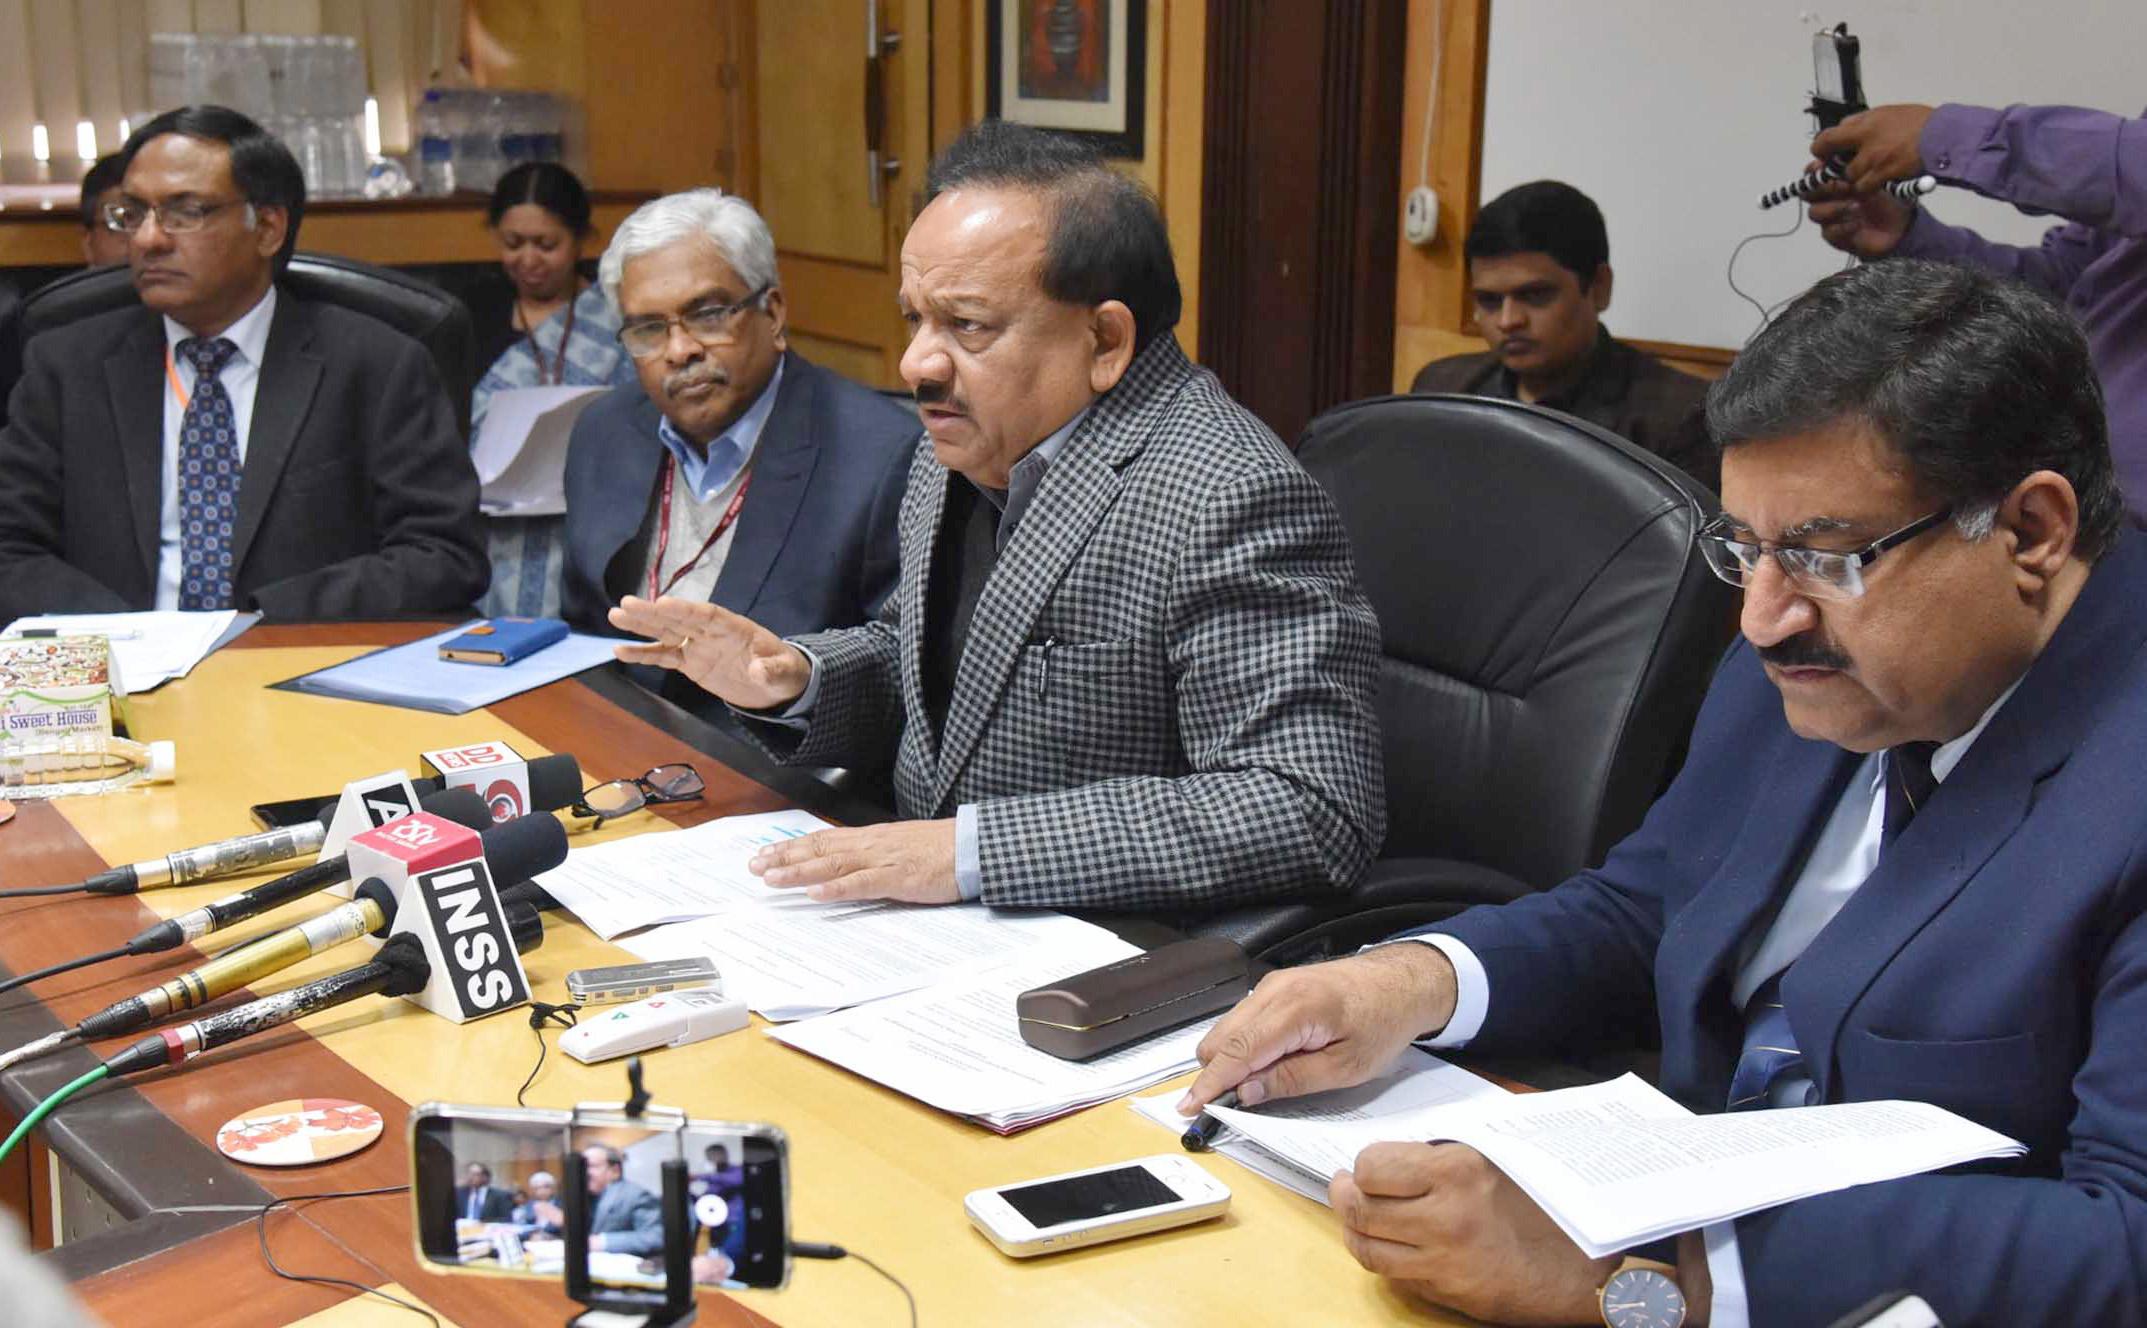 Union Minister Harsh Vardhan